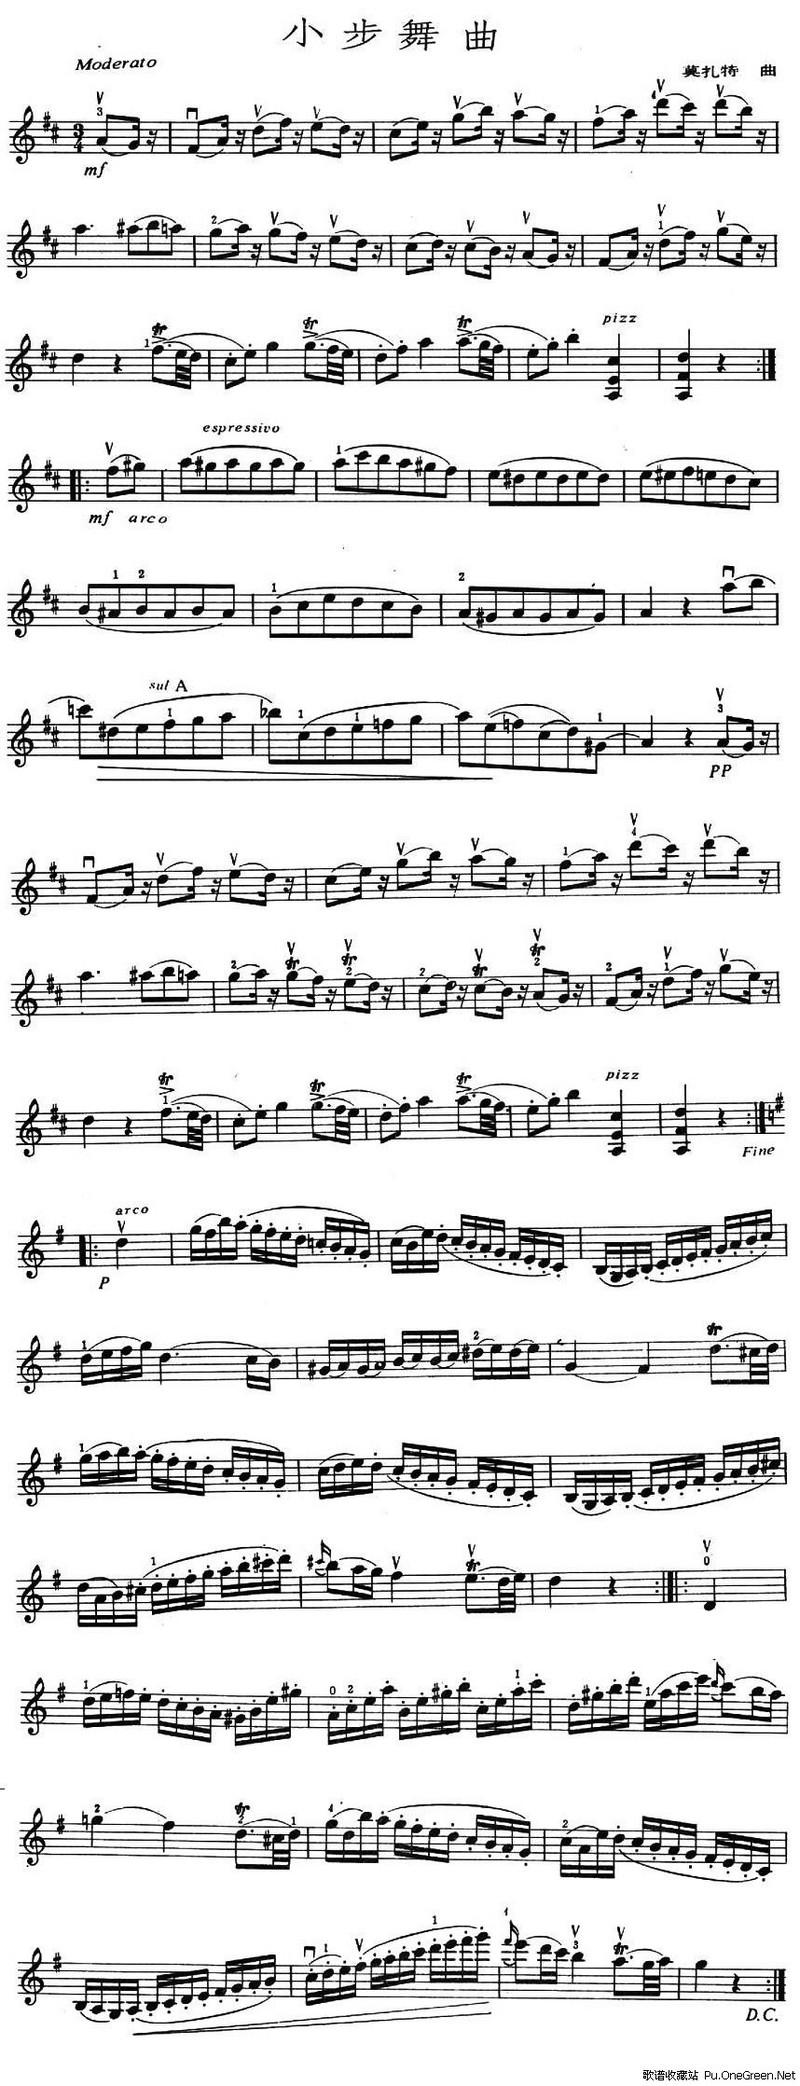 小步舞曲(莫扎特作曲版)图片